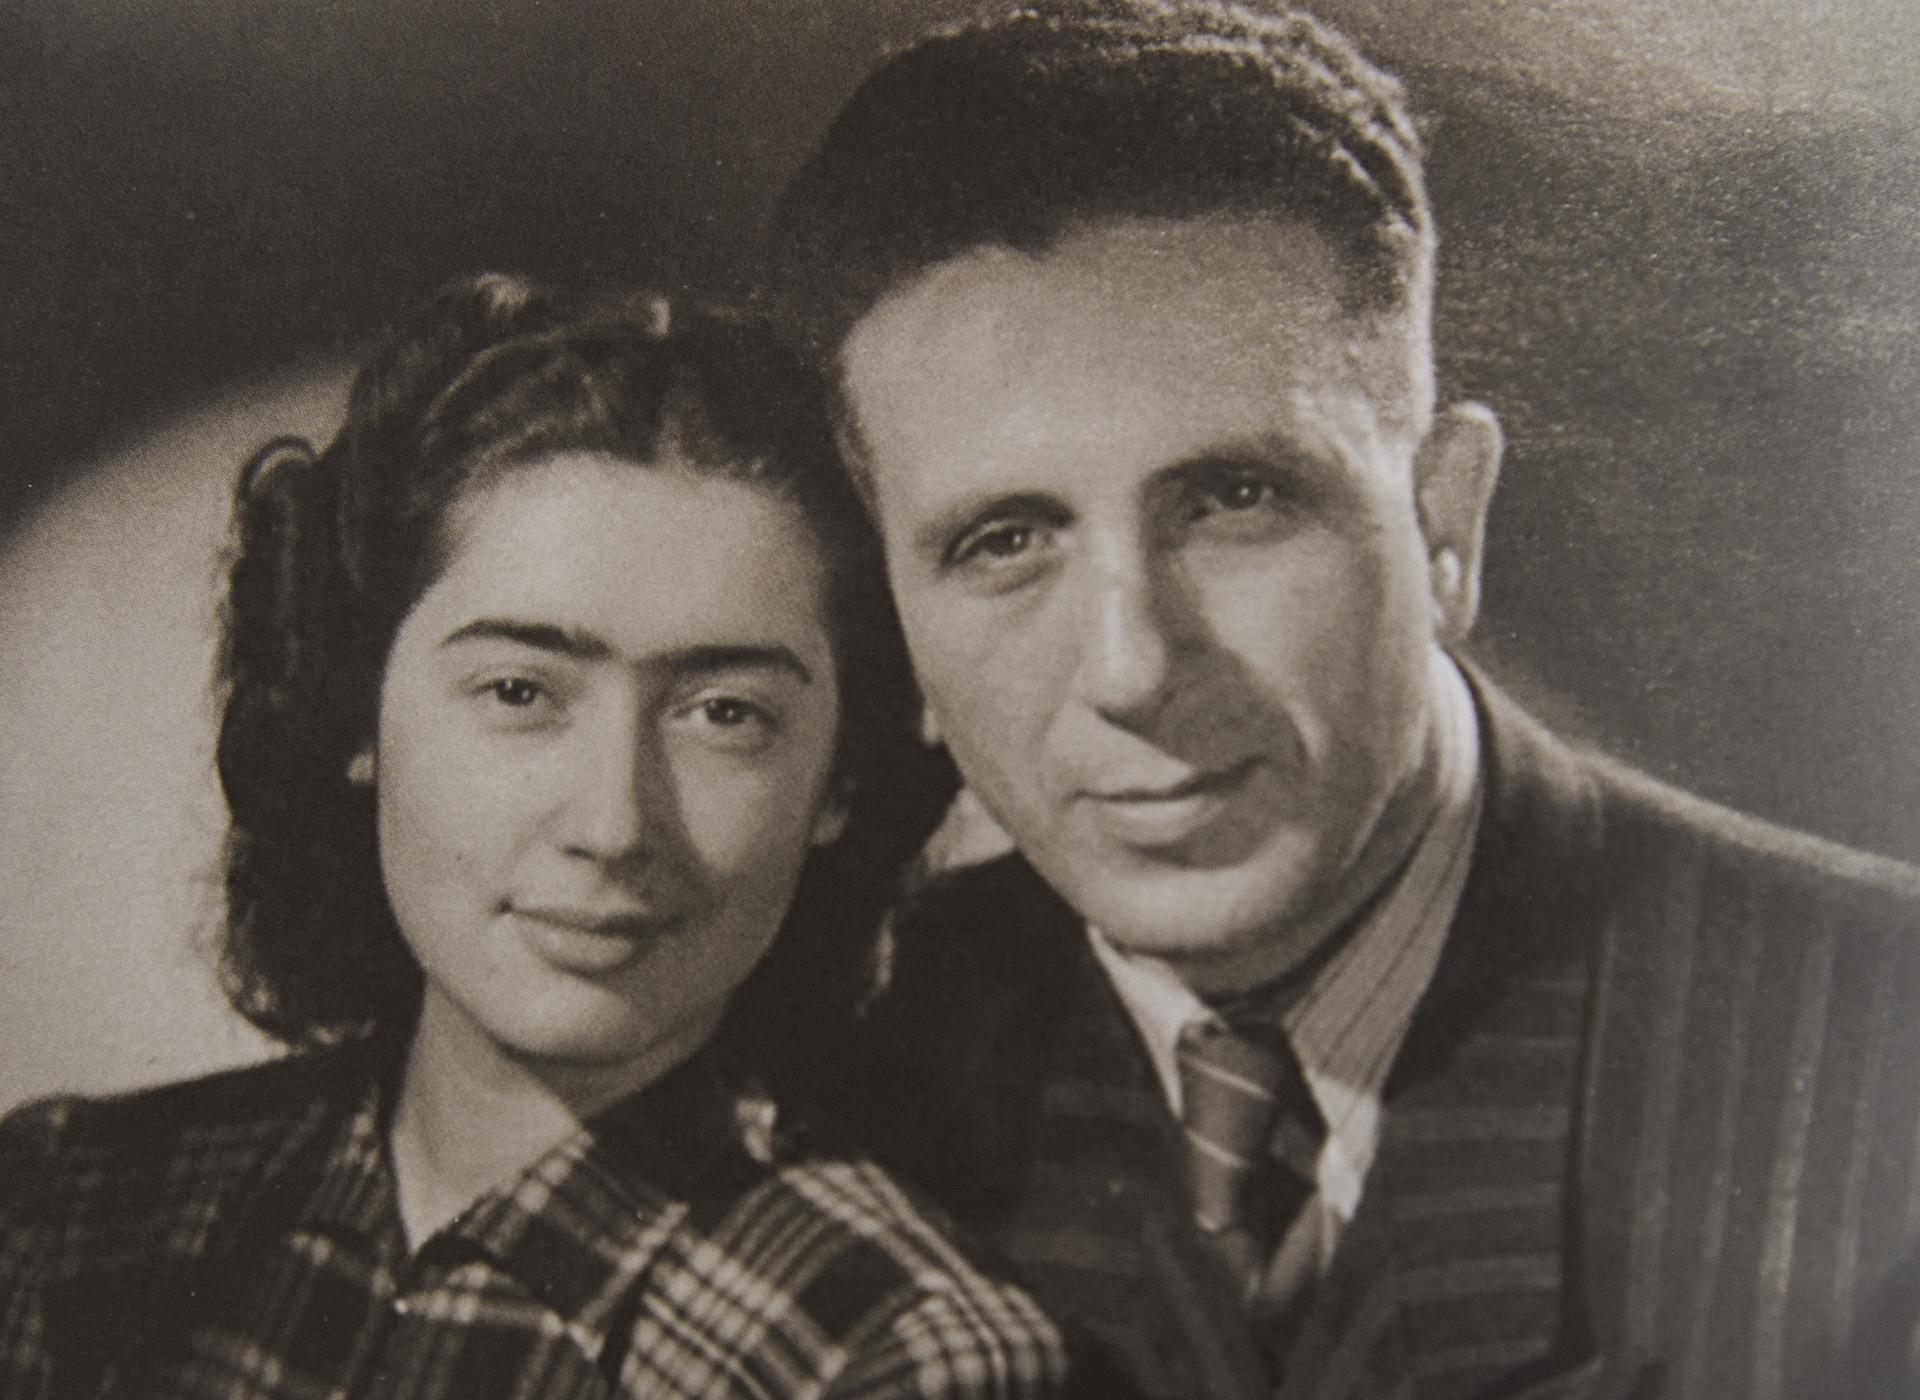 Sara y Bernardo, una historia de amor en tiempos de guerra